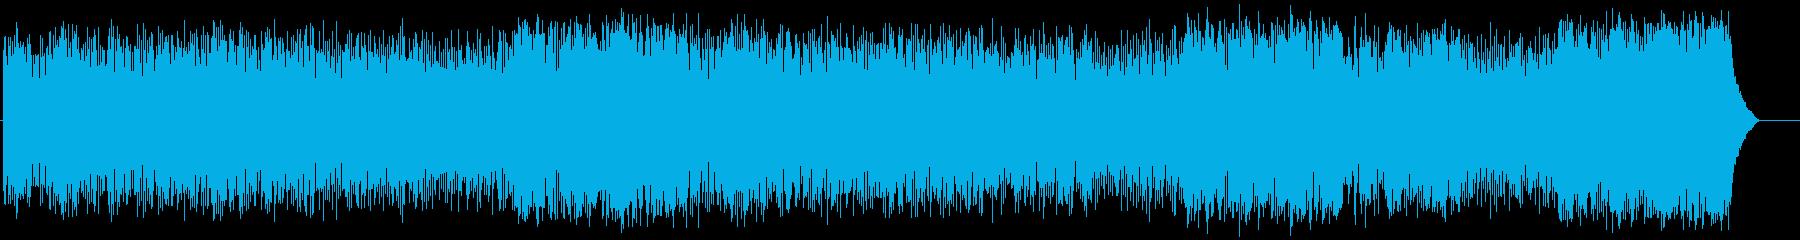 メリーゴーラウンド 遊園地 メルヘン 夢の再生済みの波形